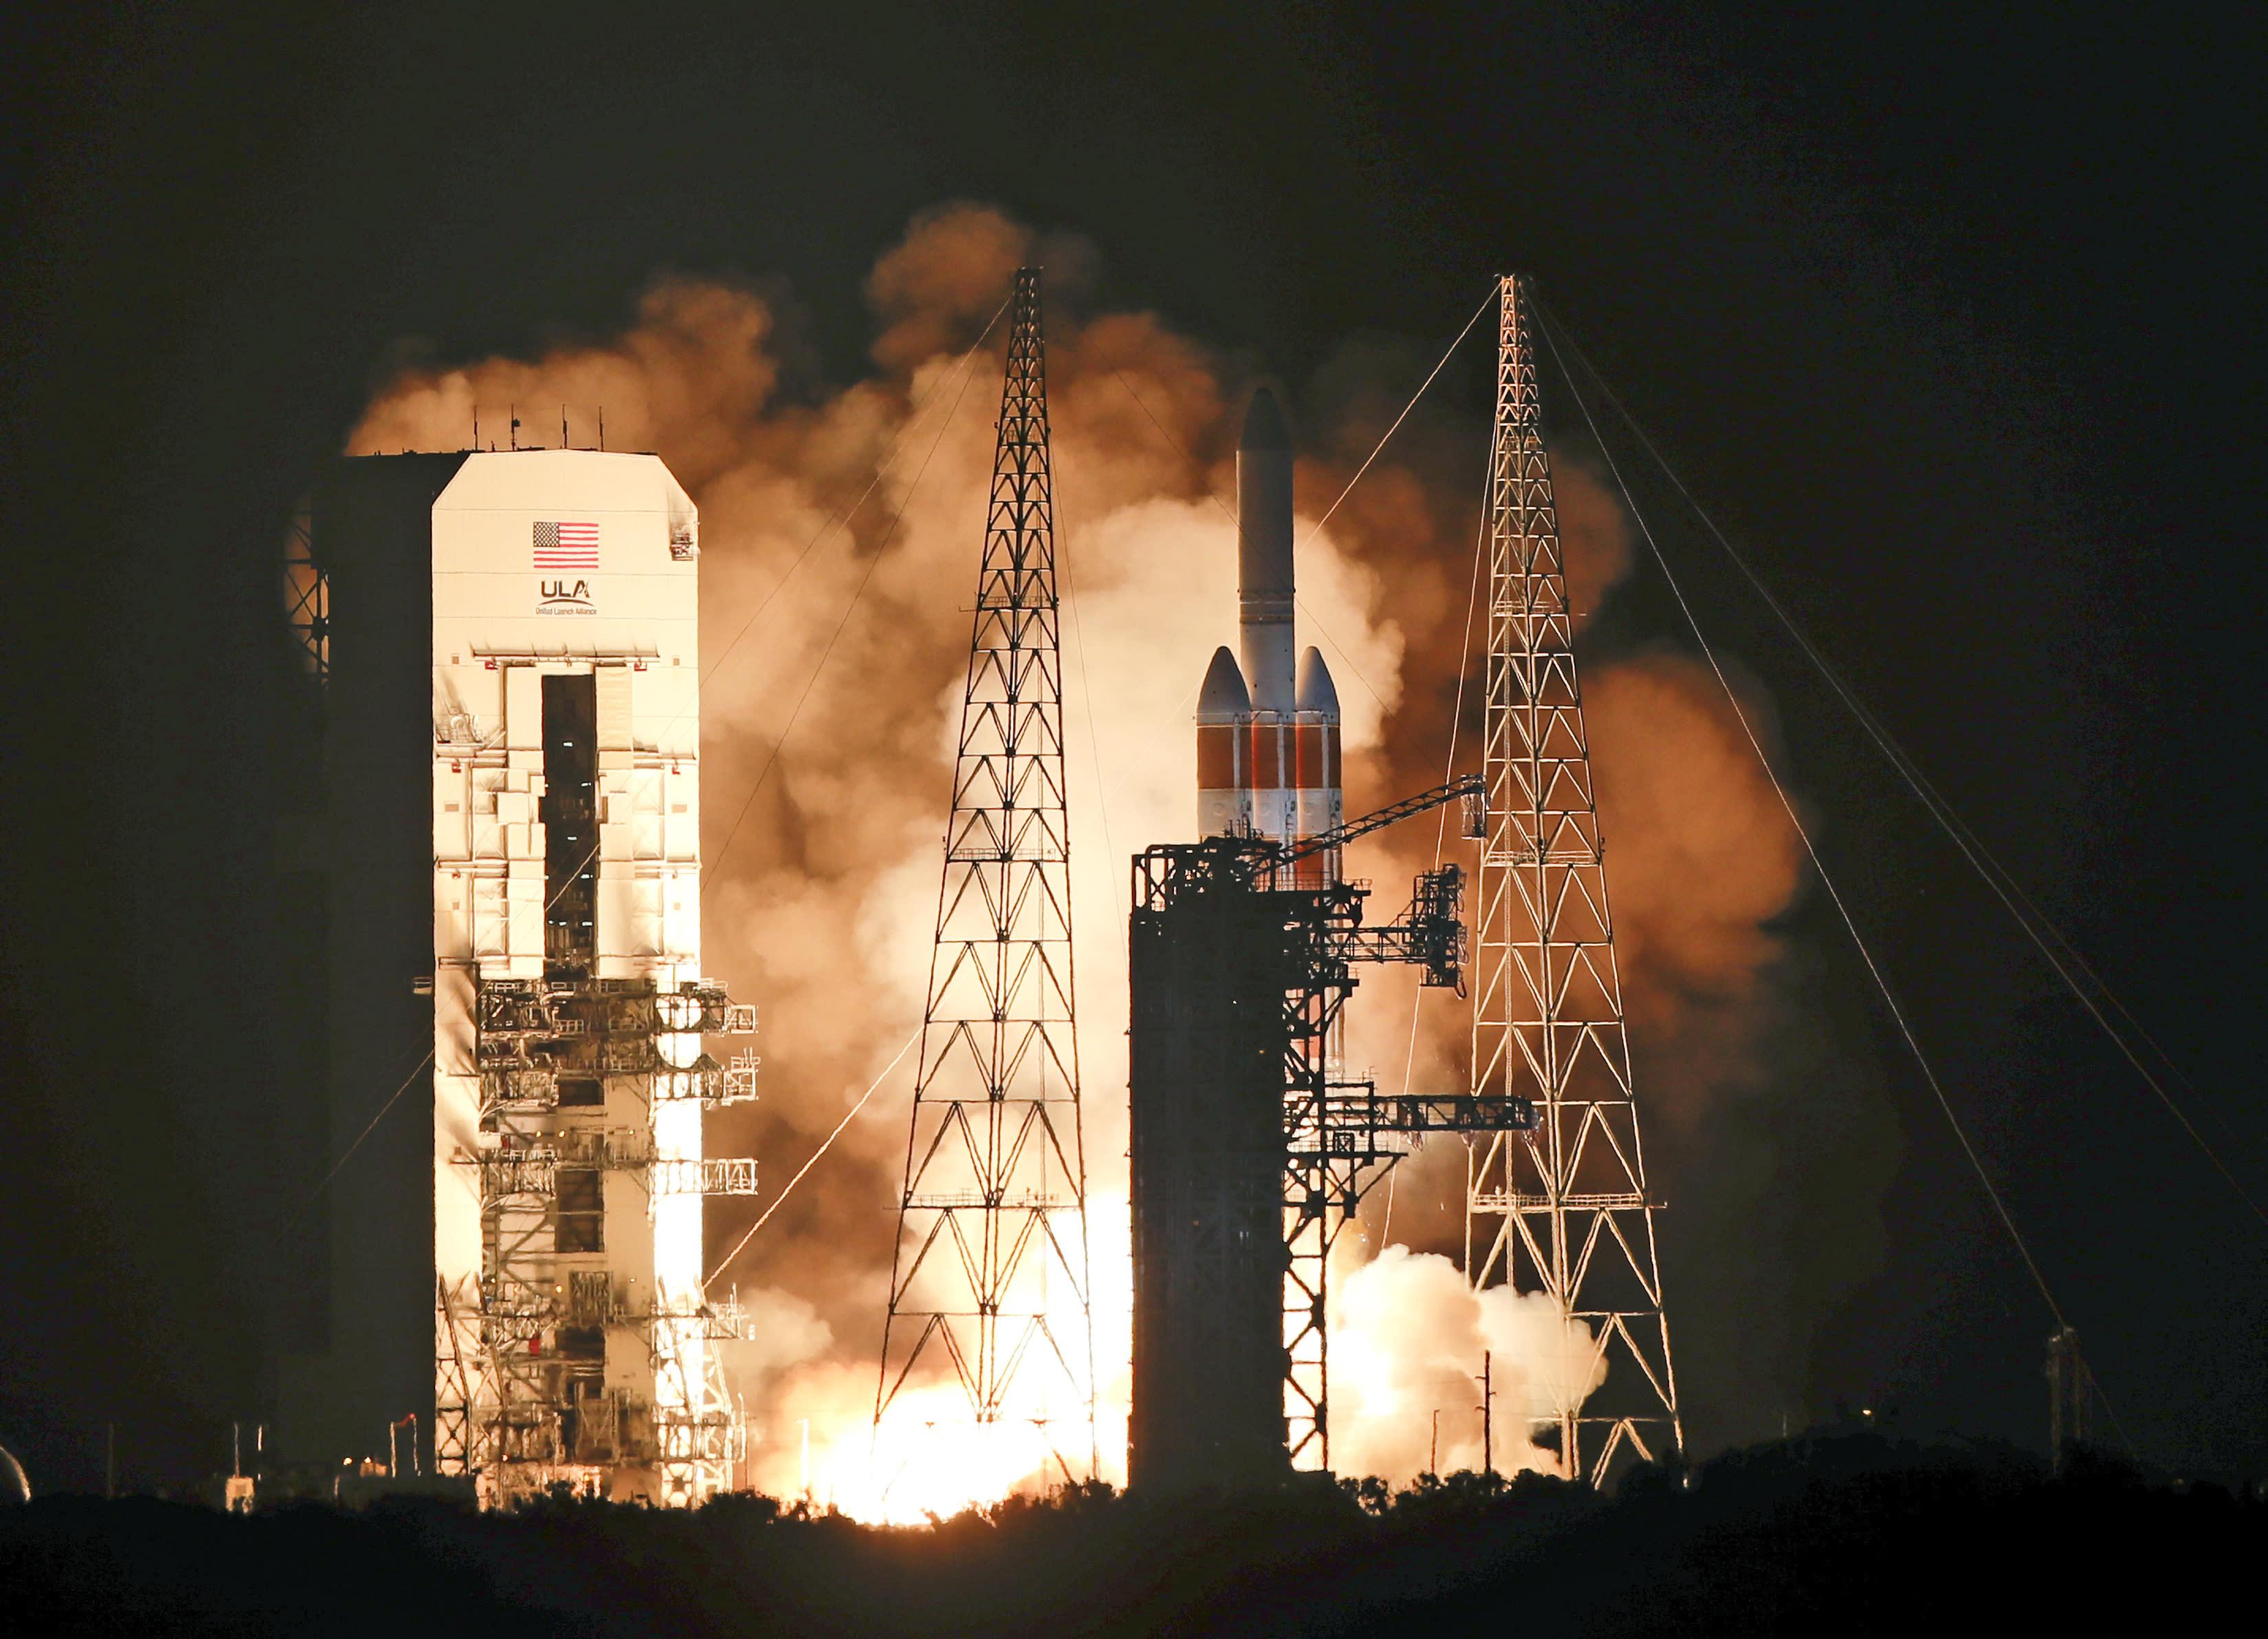 messenger spacecraft lift off - HD3300×2385